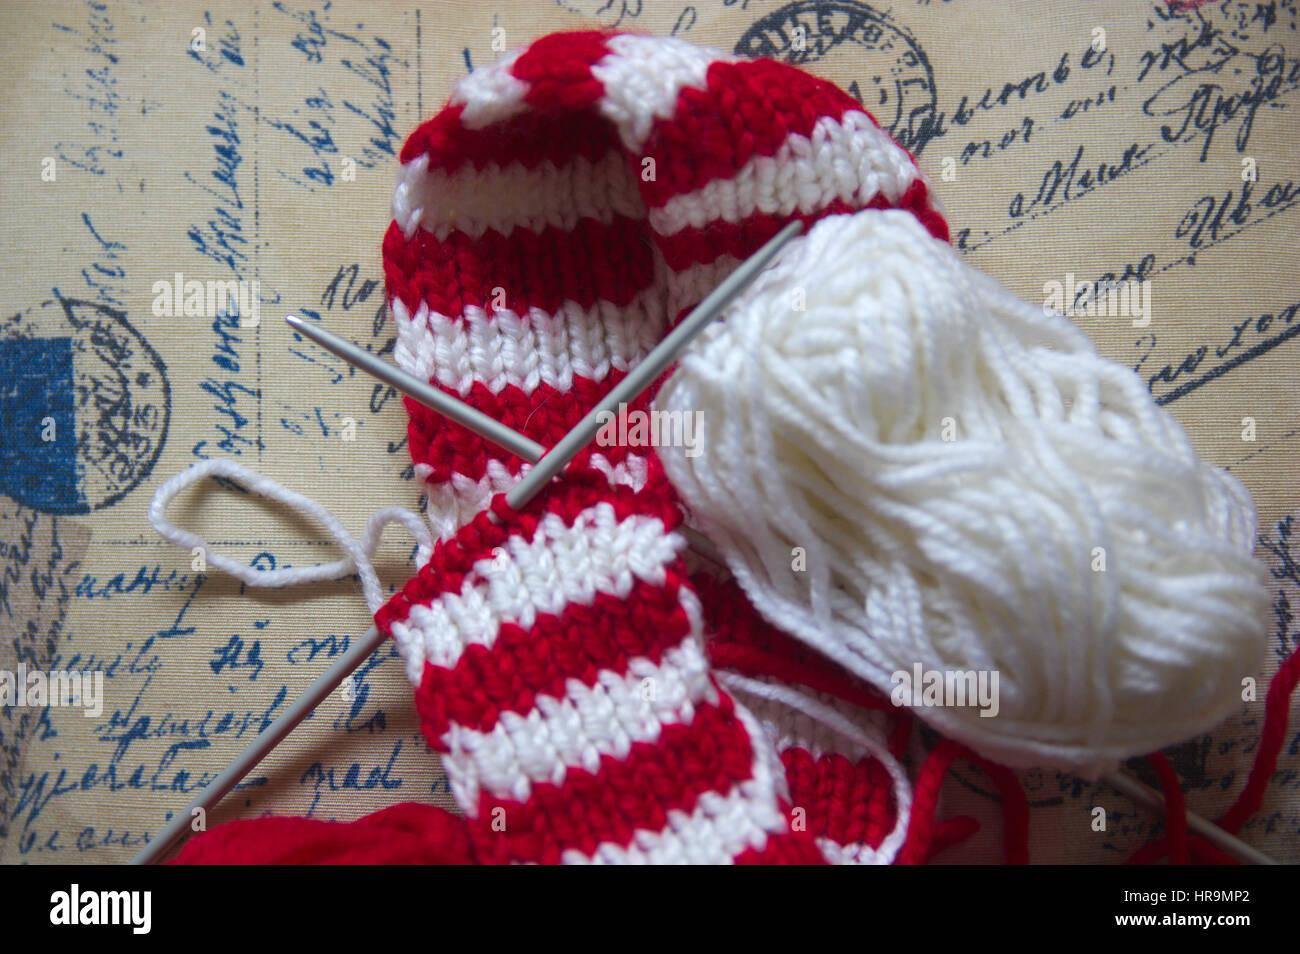 596dcb9f5d0bf9 Knäuel Wolle und Stricknadeln für machte einen roten und weißen Stockbild